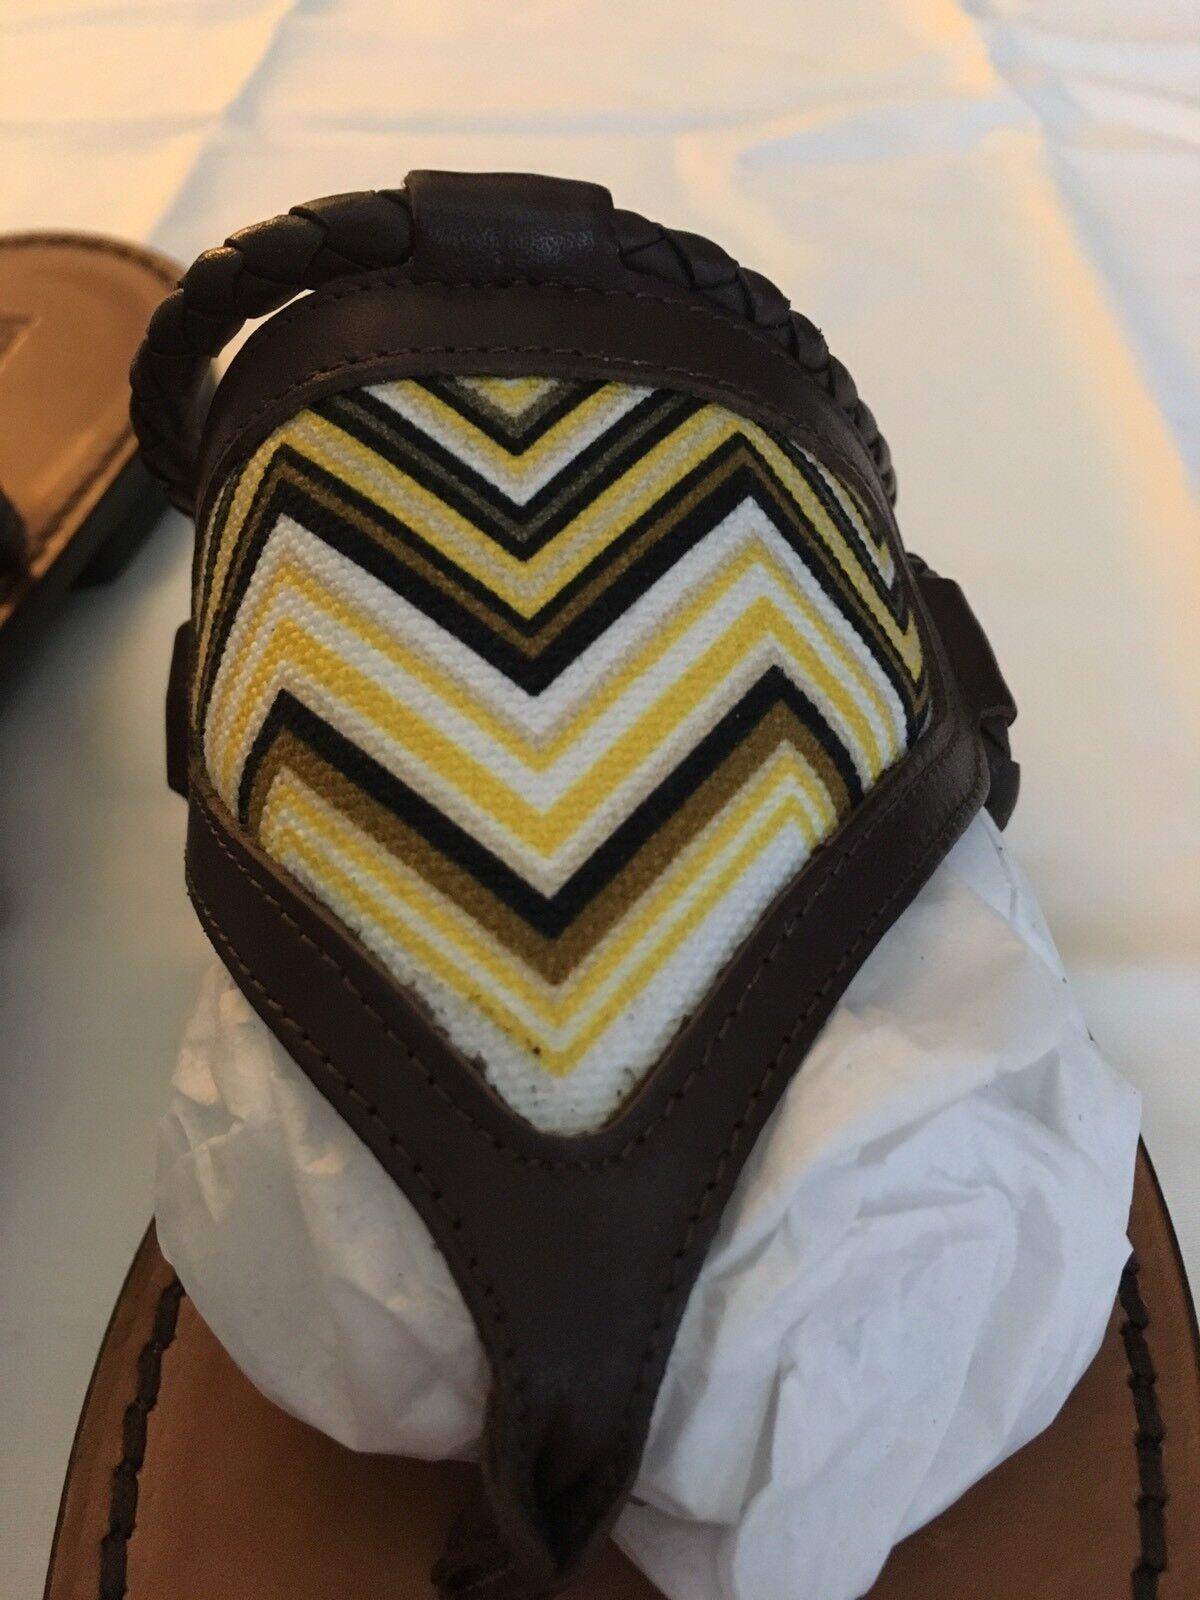 NWT Missoni Stampato Zig Zag Italian  Leder 38 Thong Sandals - EU 38 Leder / US 8 a1bb75